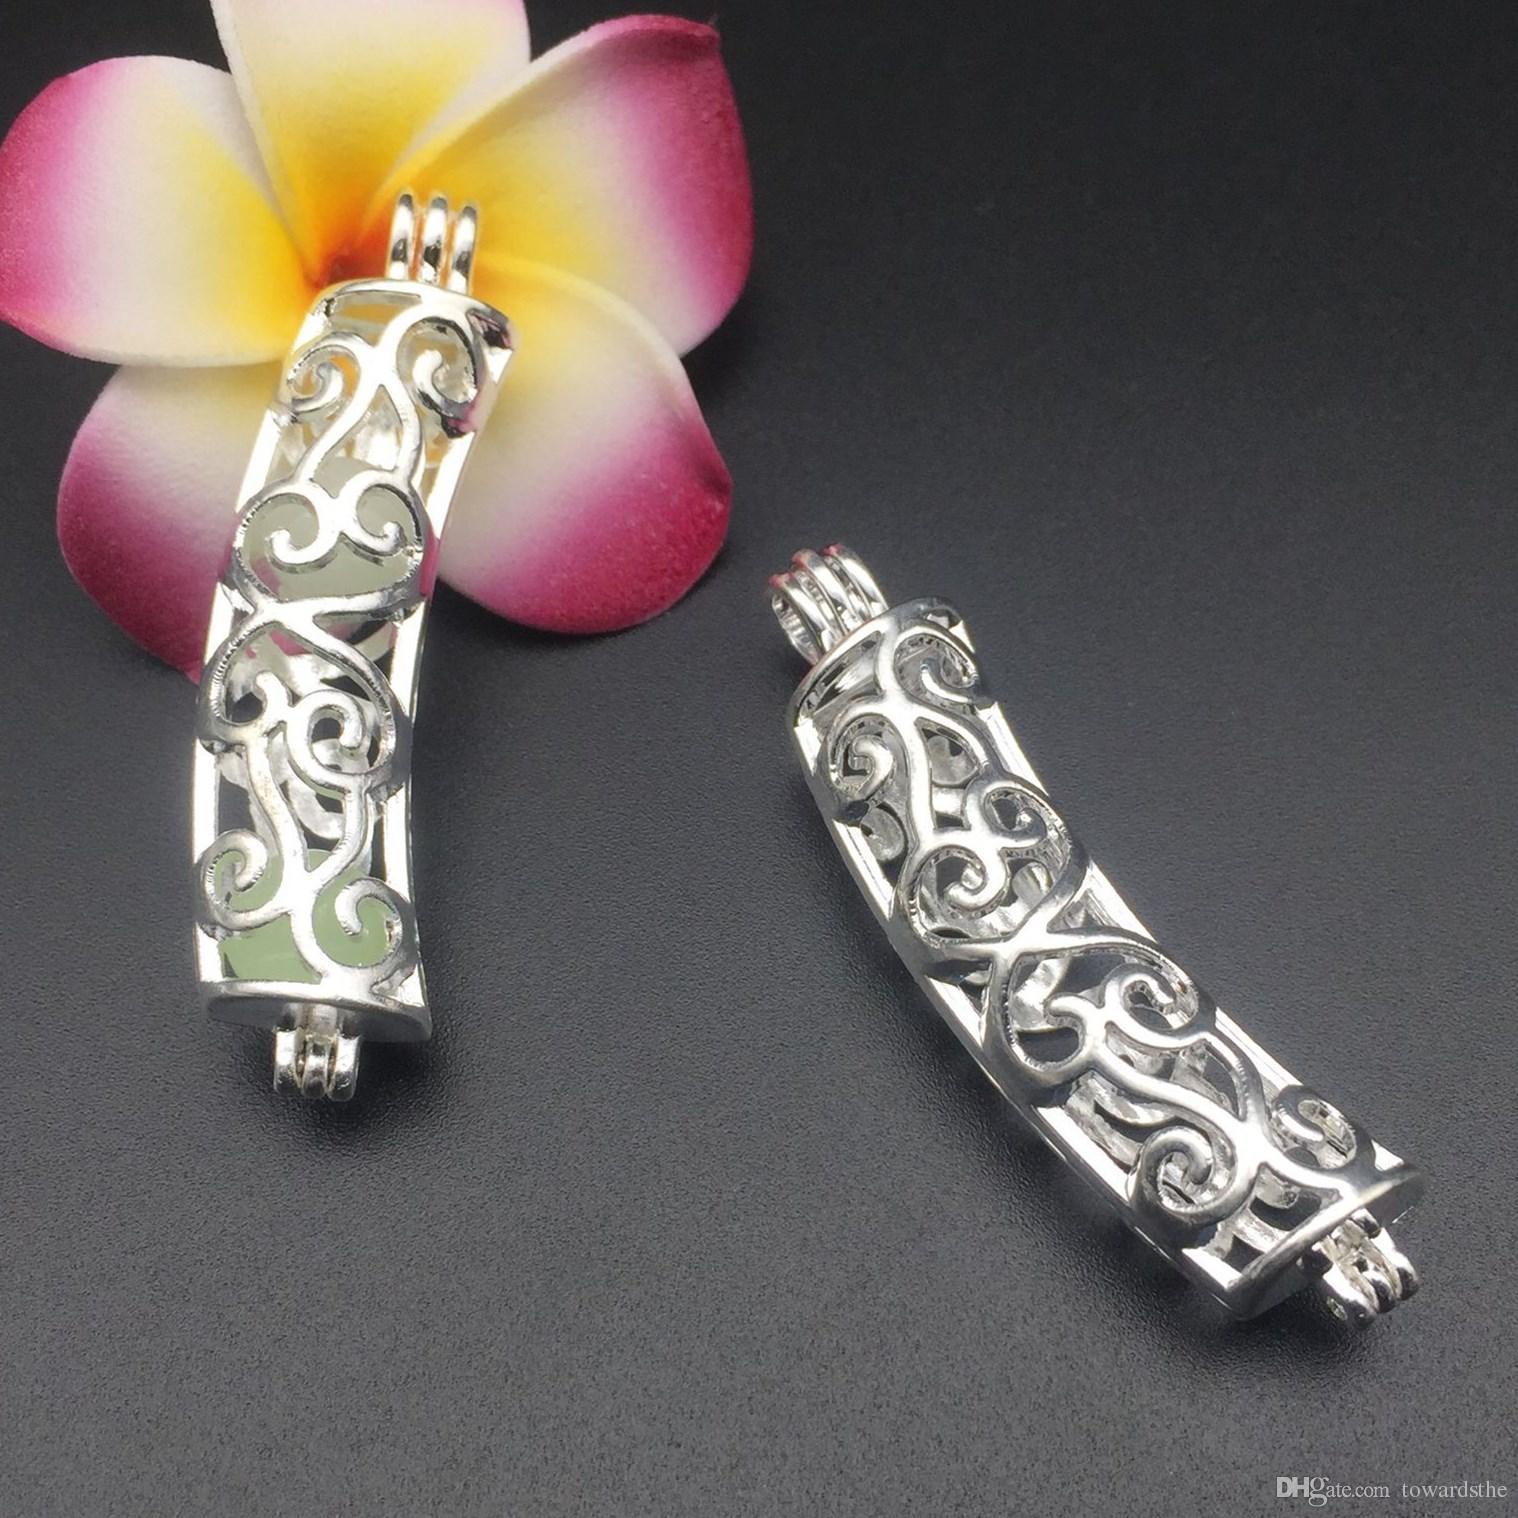 Colgante de collar de jaula de perlas, difusor de aceite esencial, tubo de doblado que proporciona 5 PC plateadas, además de su propia perla que lo hace atractivo